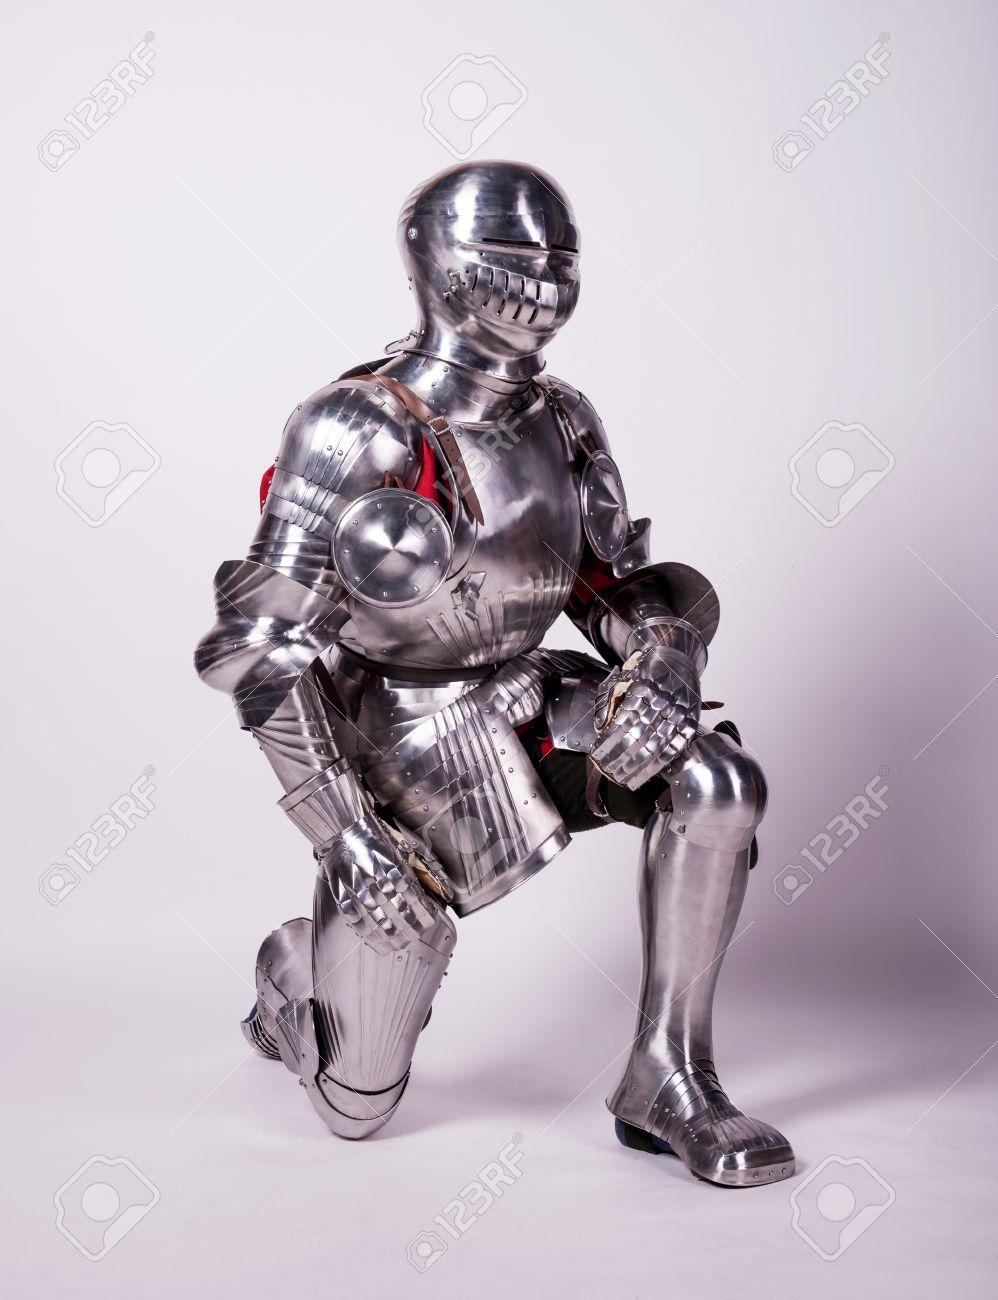 金属の鎧の騎士 の写真素材・画像素材 Image 30202544.